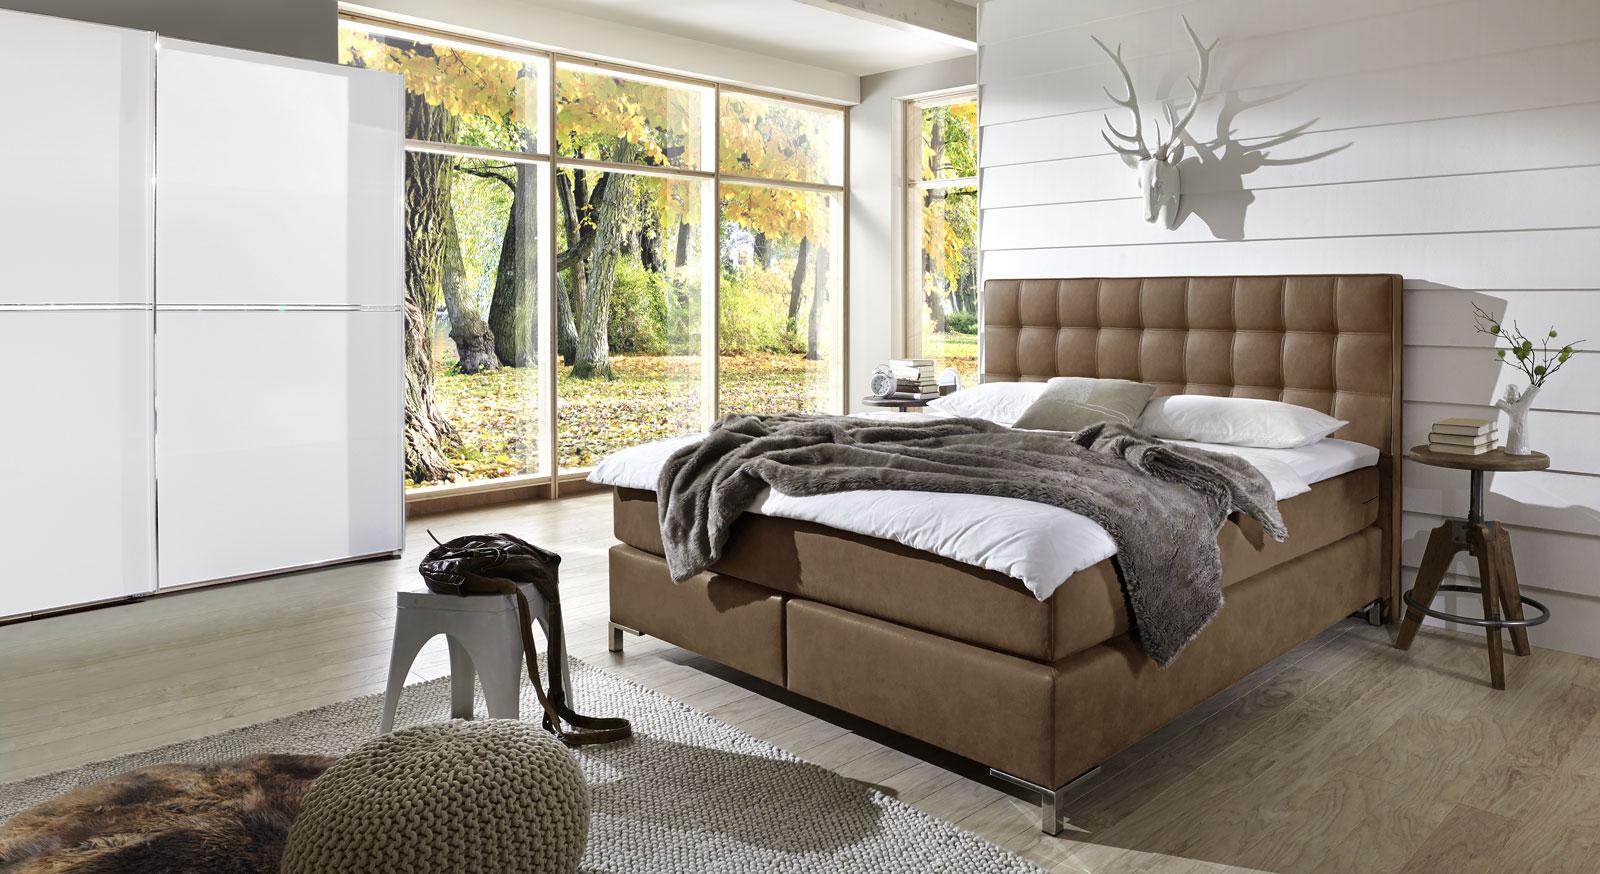 Schlafzimmer Komplett Auf Rechnung Kaufen Zamora   Schlafzimmer Auf Rechnung